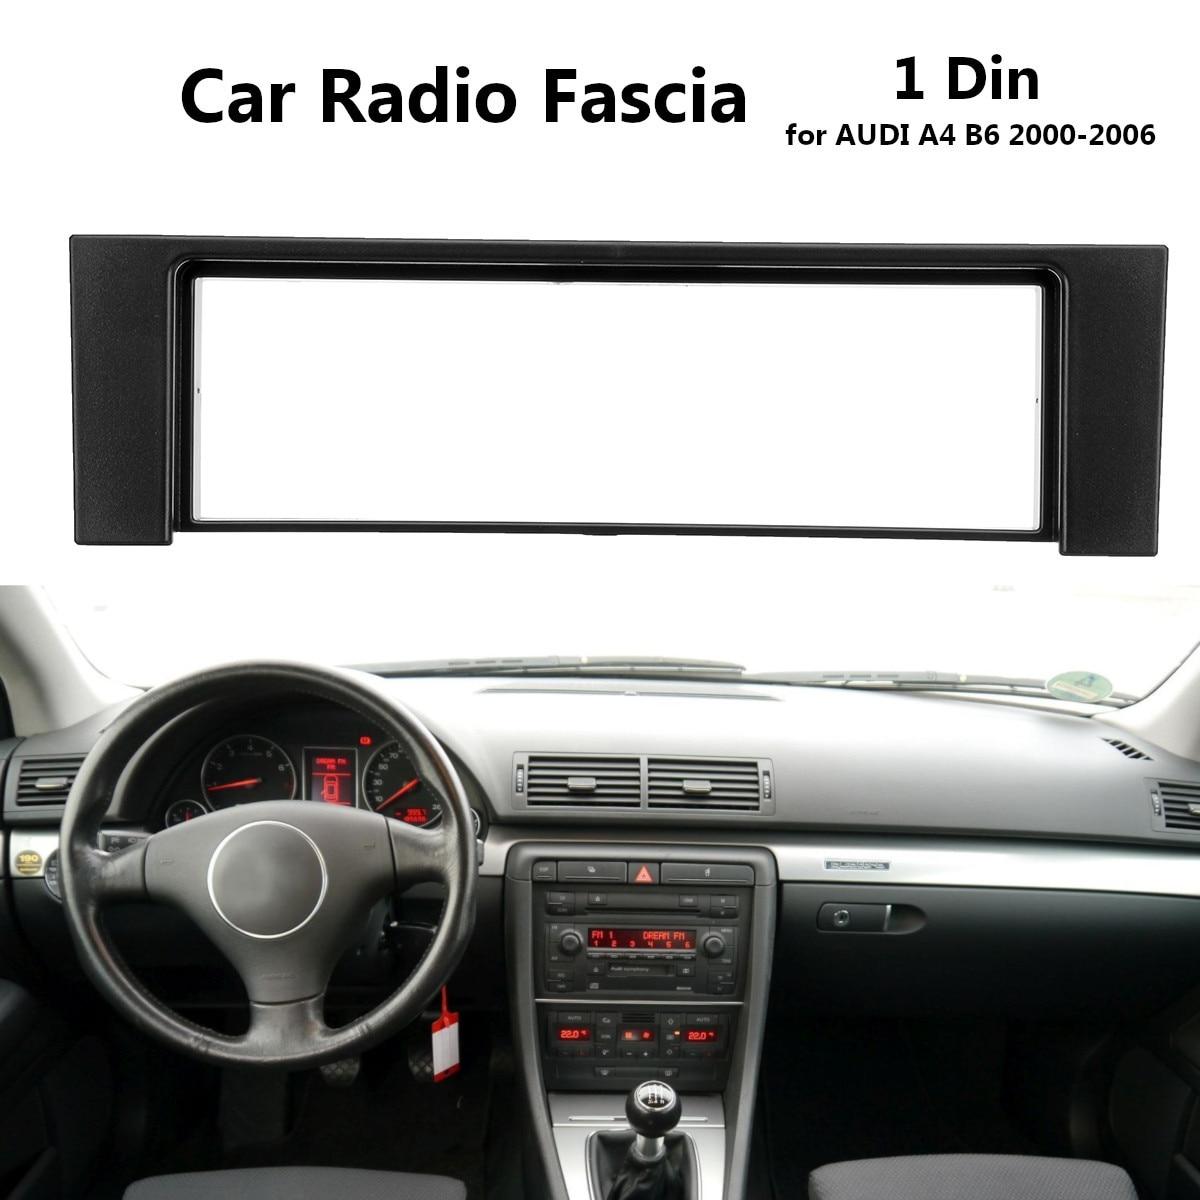 Audi A3 1996-2003 Car Stereo Radio Single Din Facia Fascia Fitting Panel Plate